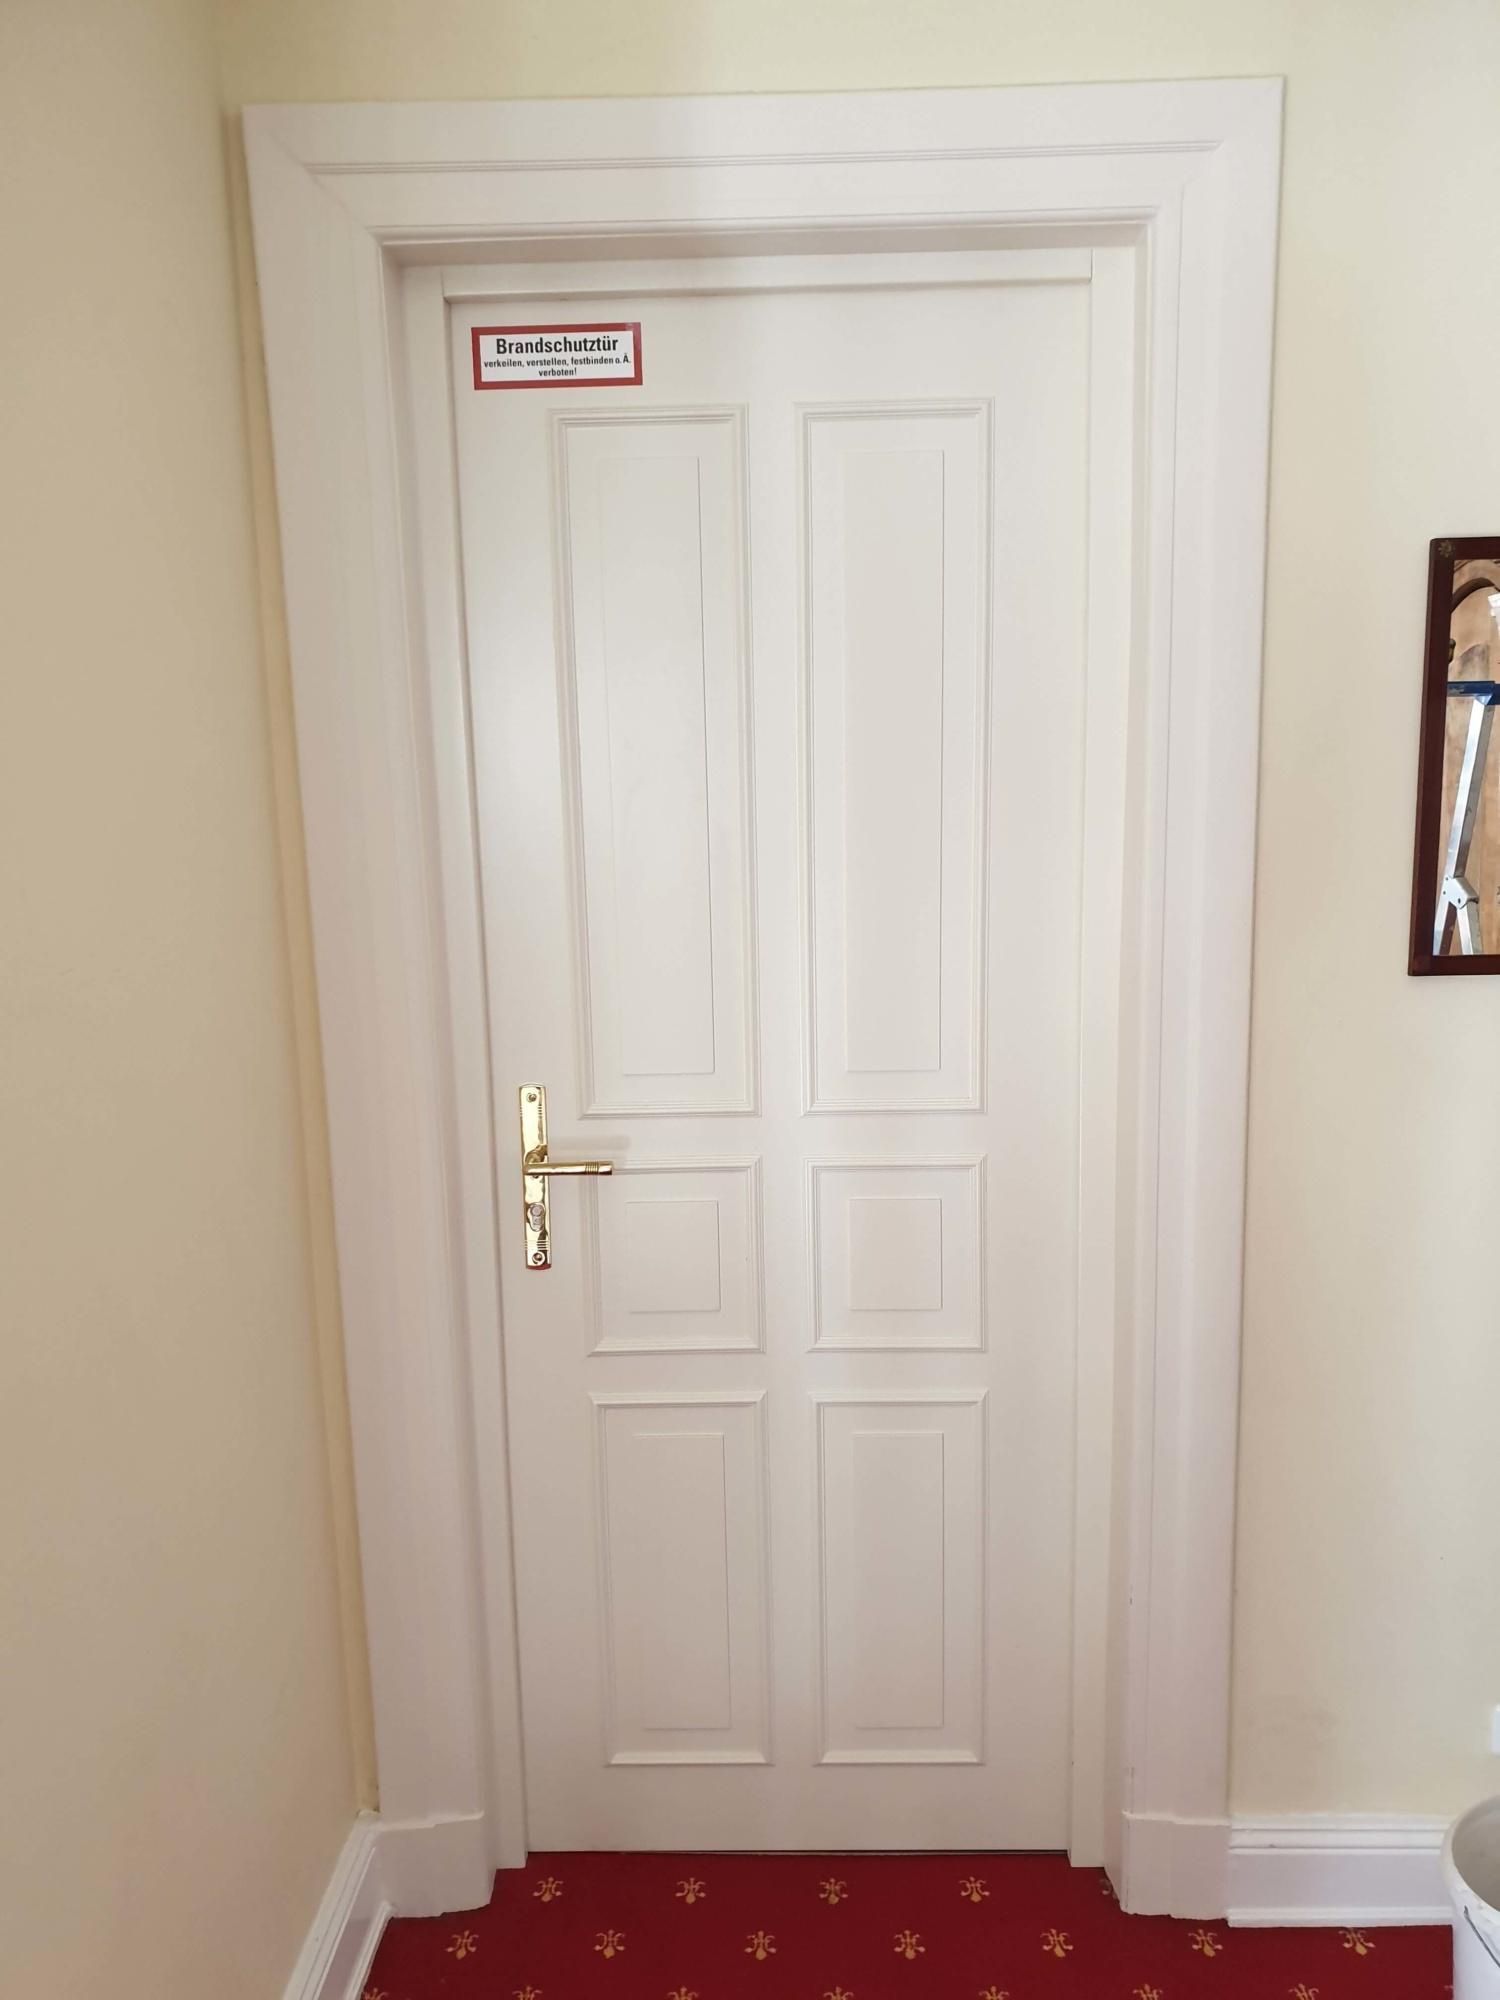 Hotelzimmer - Brandschutztuer T 30-RS in Sperrtuerbauweise